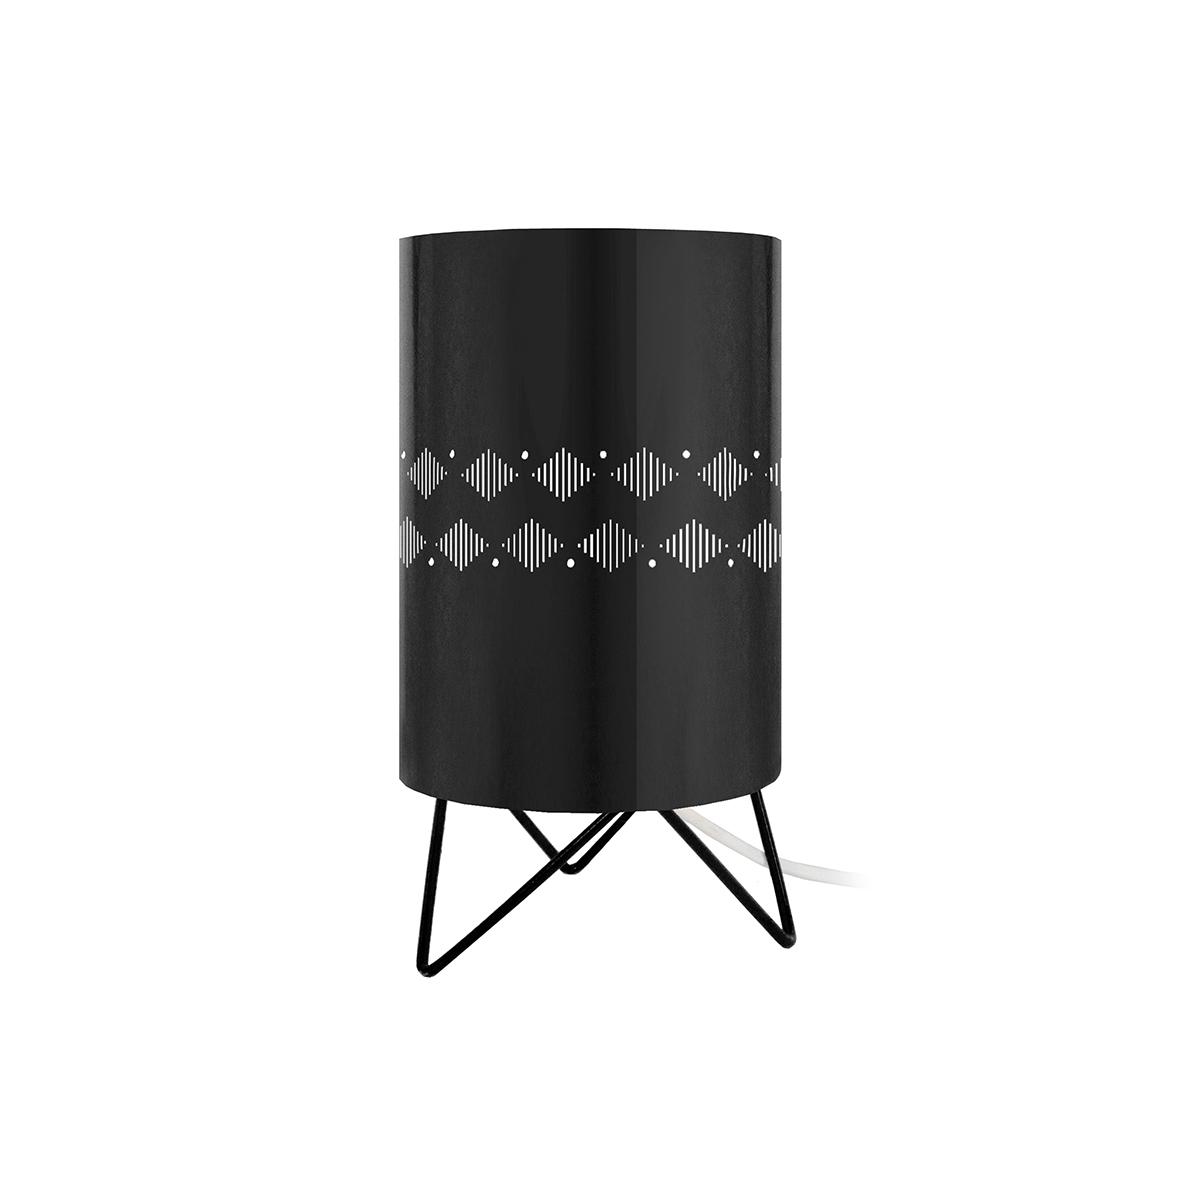 Lampada da tavolo design in metallo Nero SMART